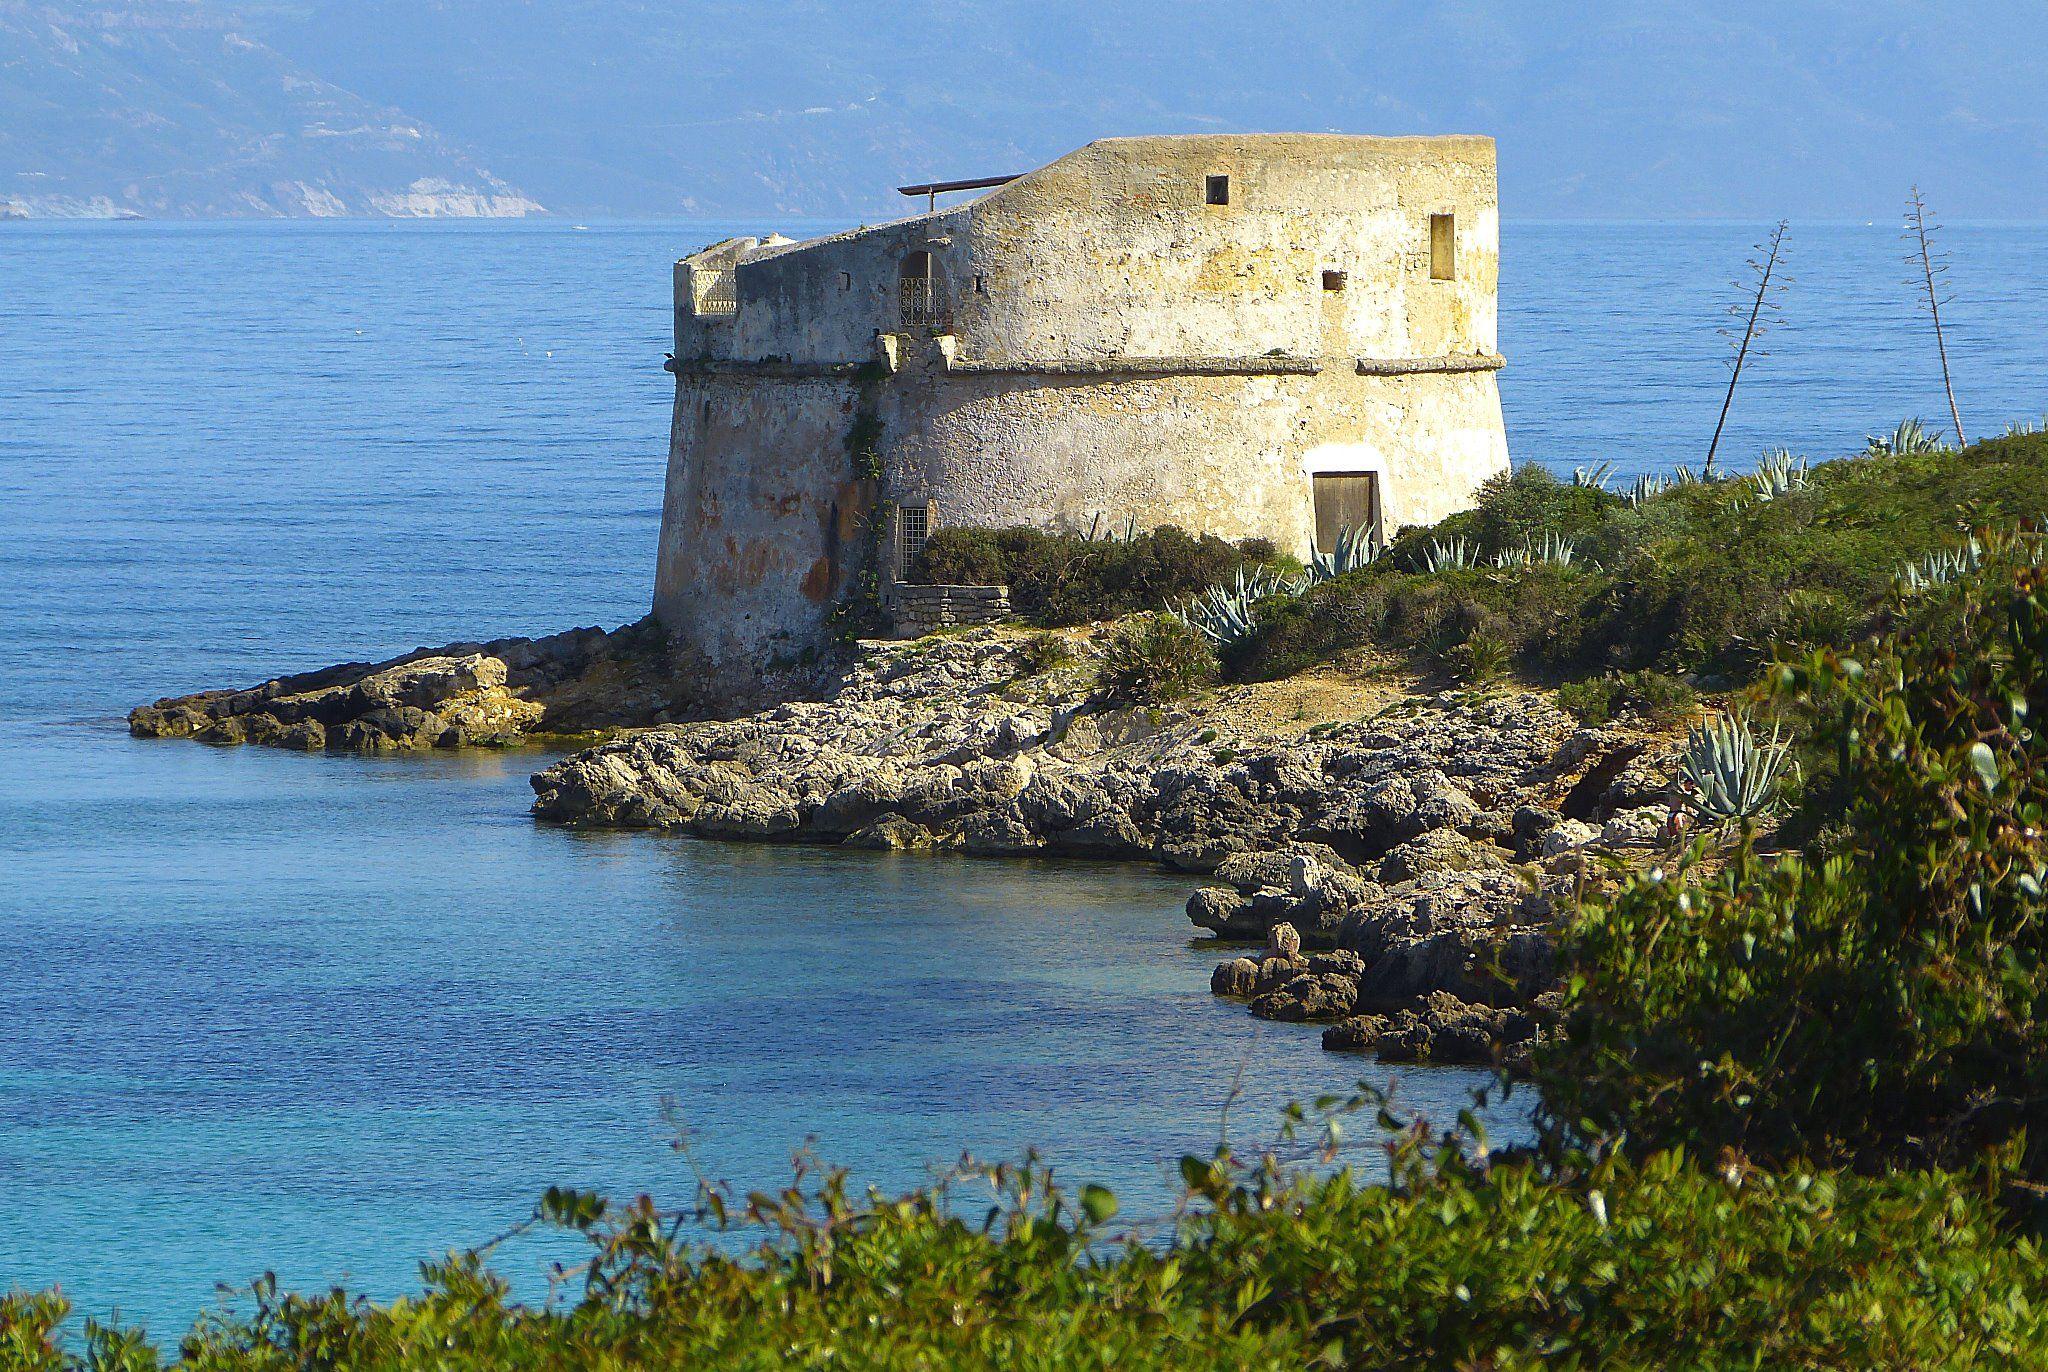 Torre del Lazzaretto.... da non perdere anche l'omonima spiaggia e calette vicine!